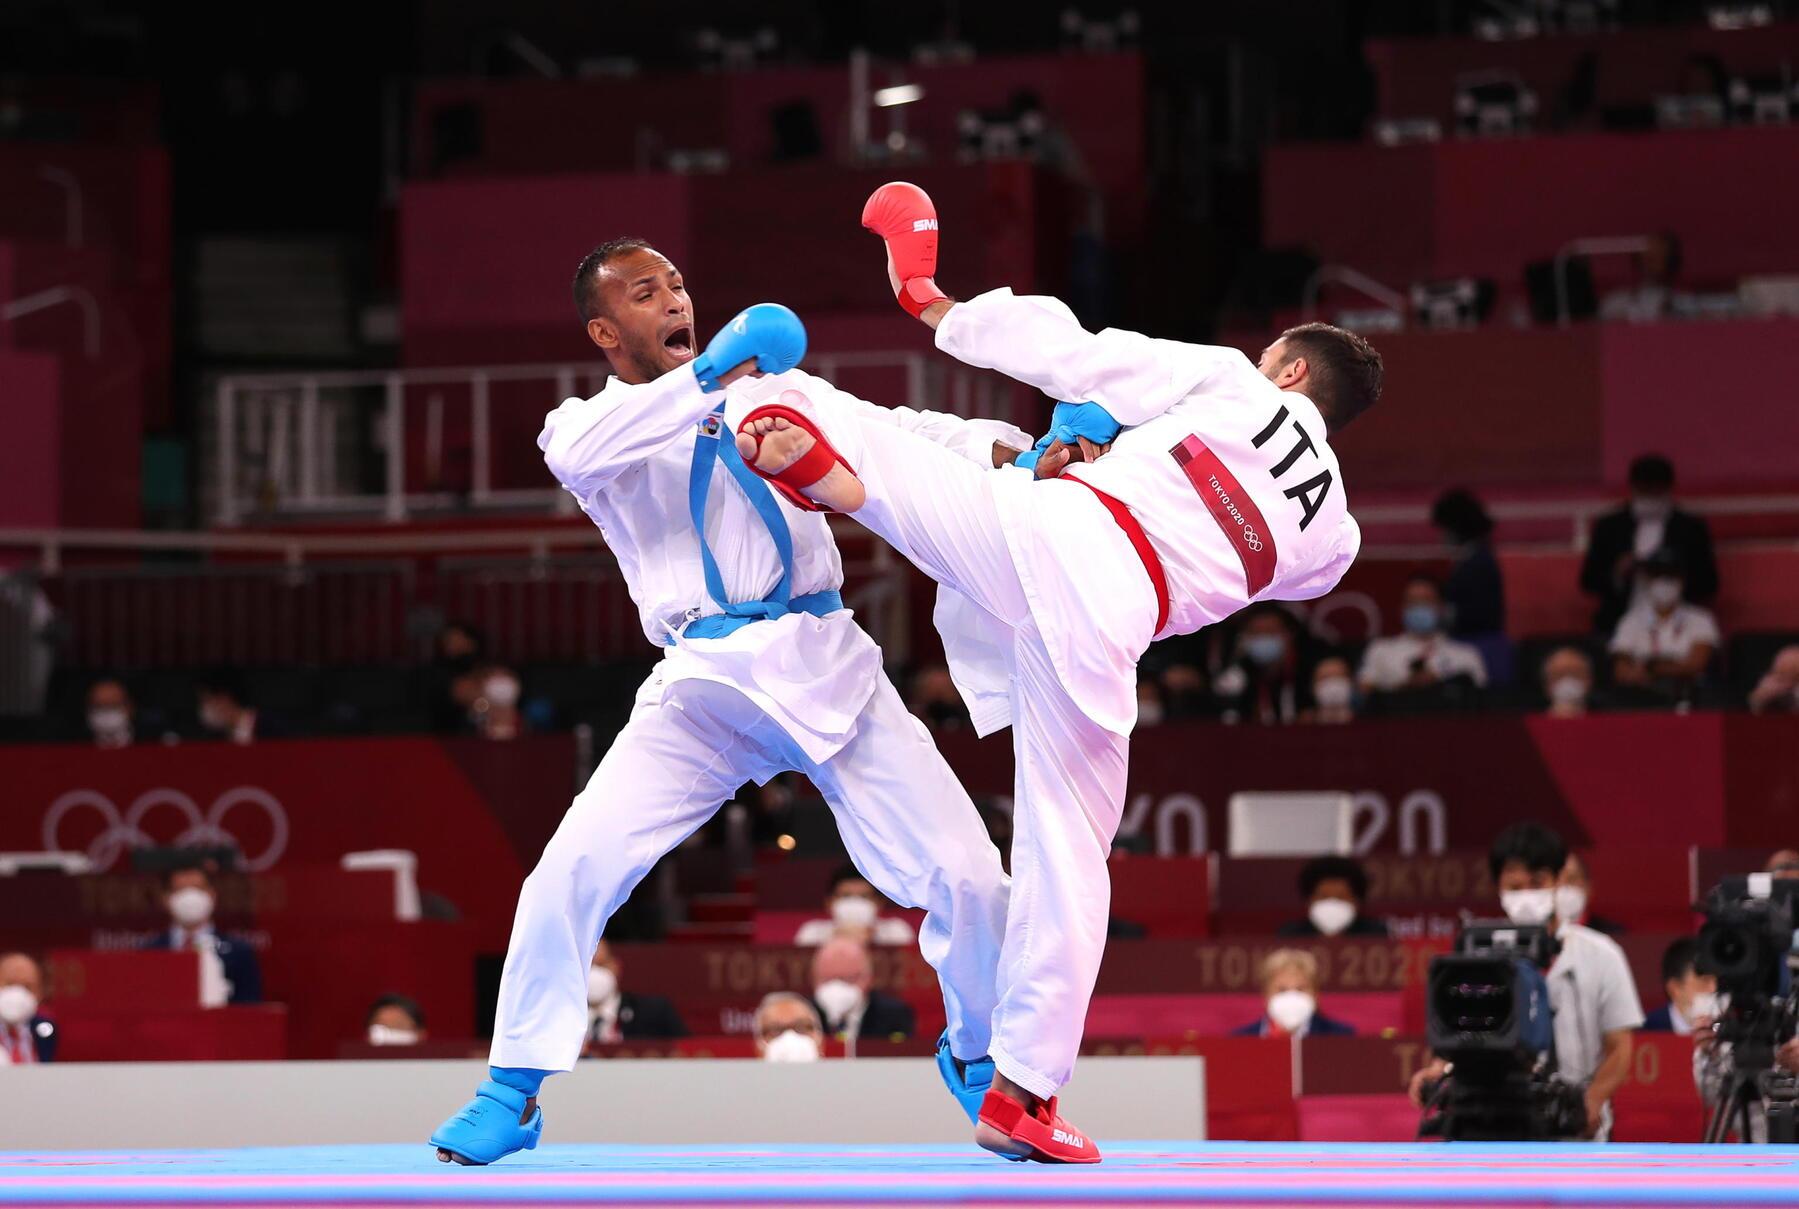 Olimpiadi di Tokyo, paura per Angelo Crescenzo nel karate: tremendo colpo al volto e blackout per 30 minuti [VIDEO]